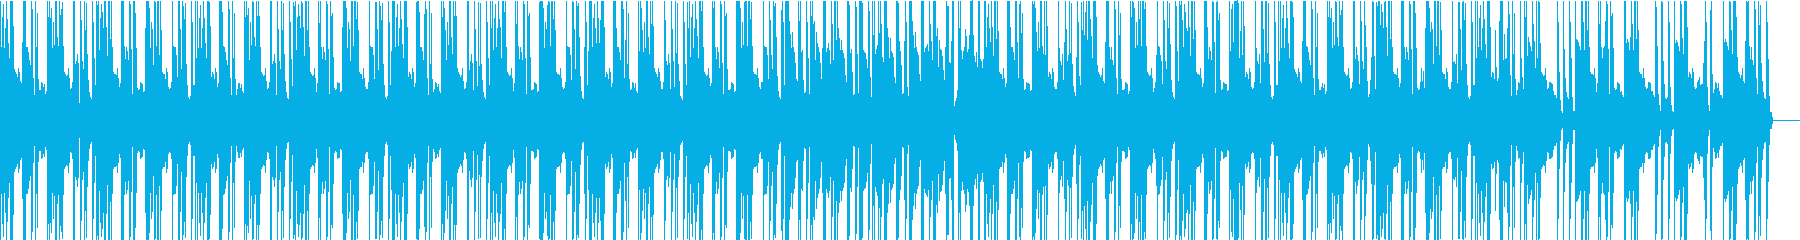 ヒップホップでジャジーなBGMの再生済みの波形